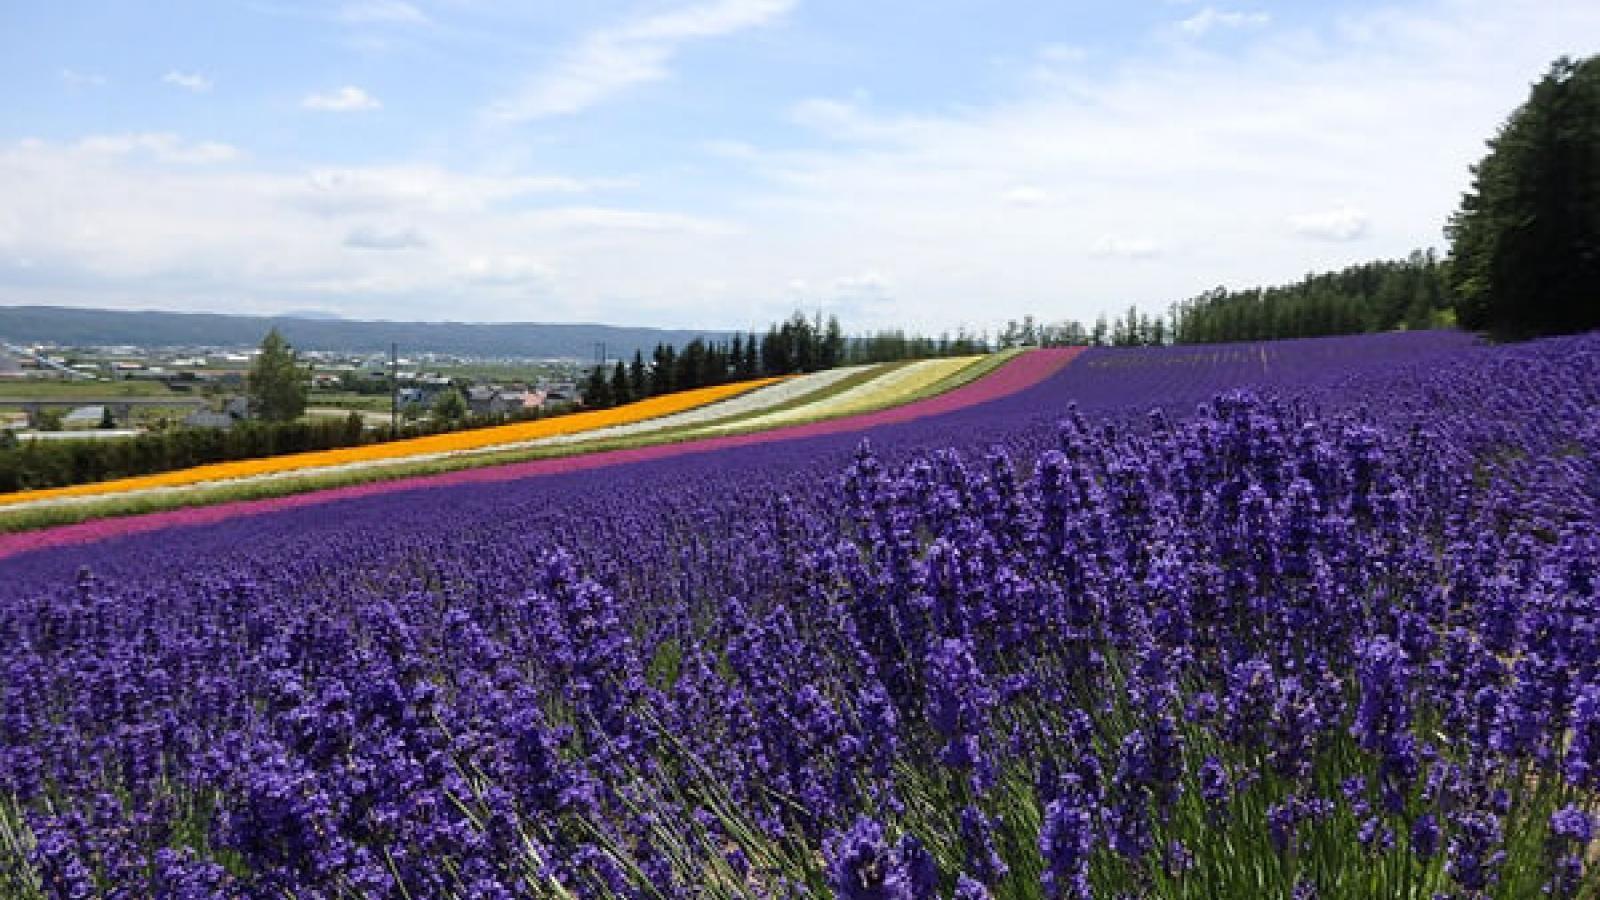 10 điểm dừng chân lý tưởng khi đến Hokkaido, Nhật Bản